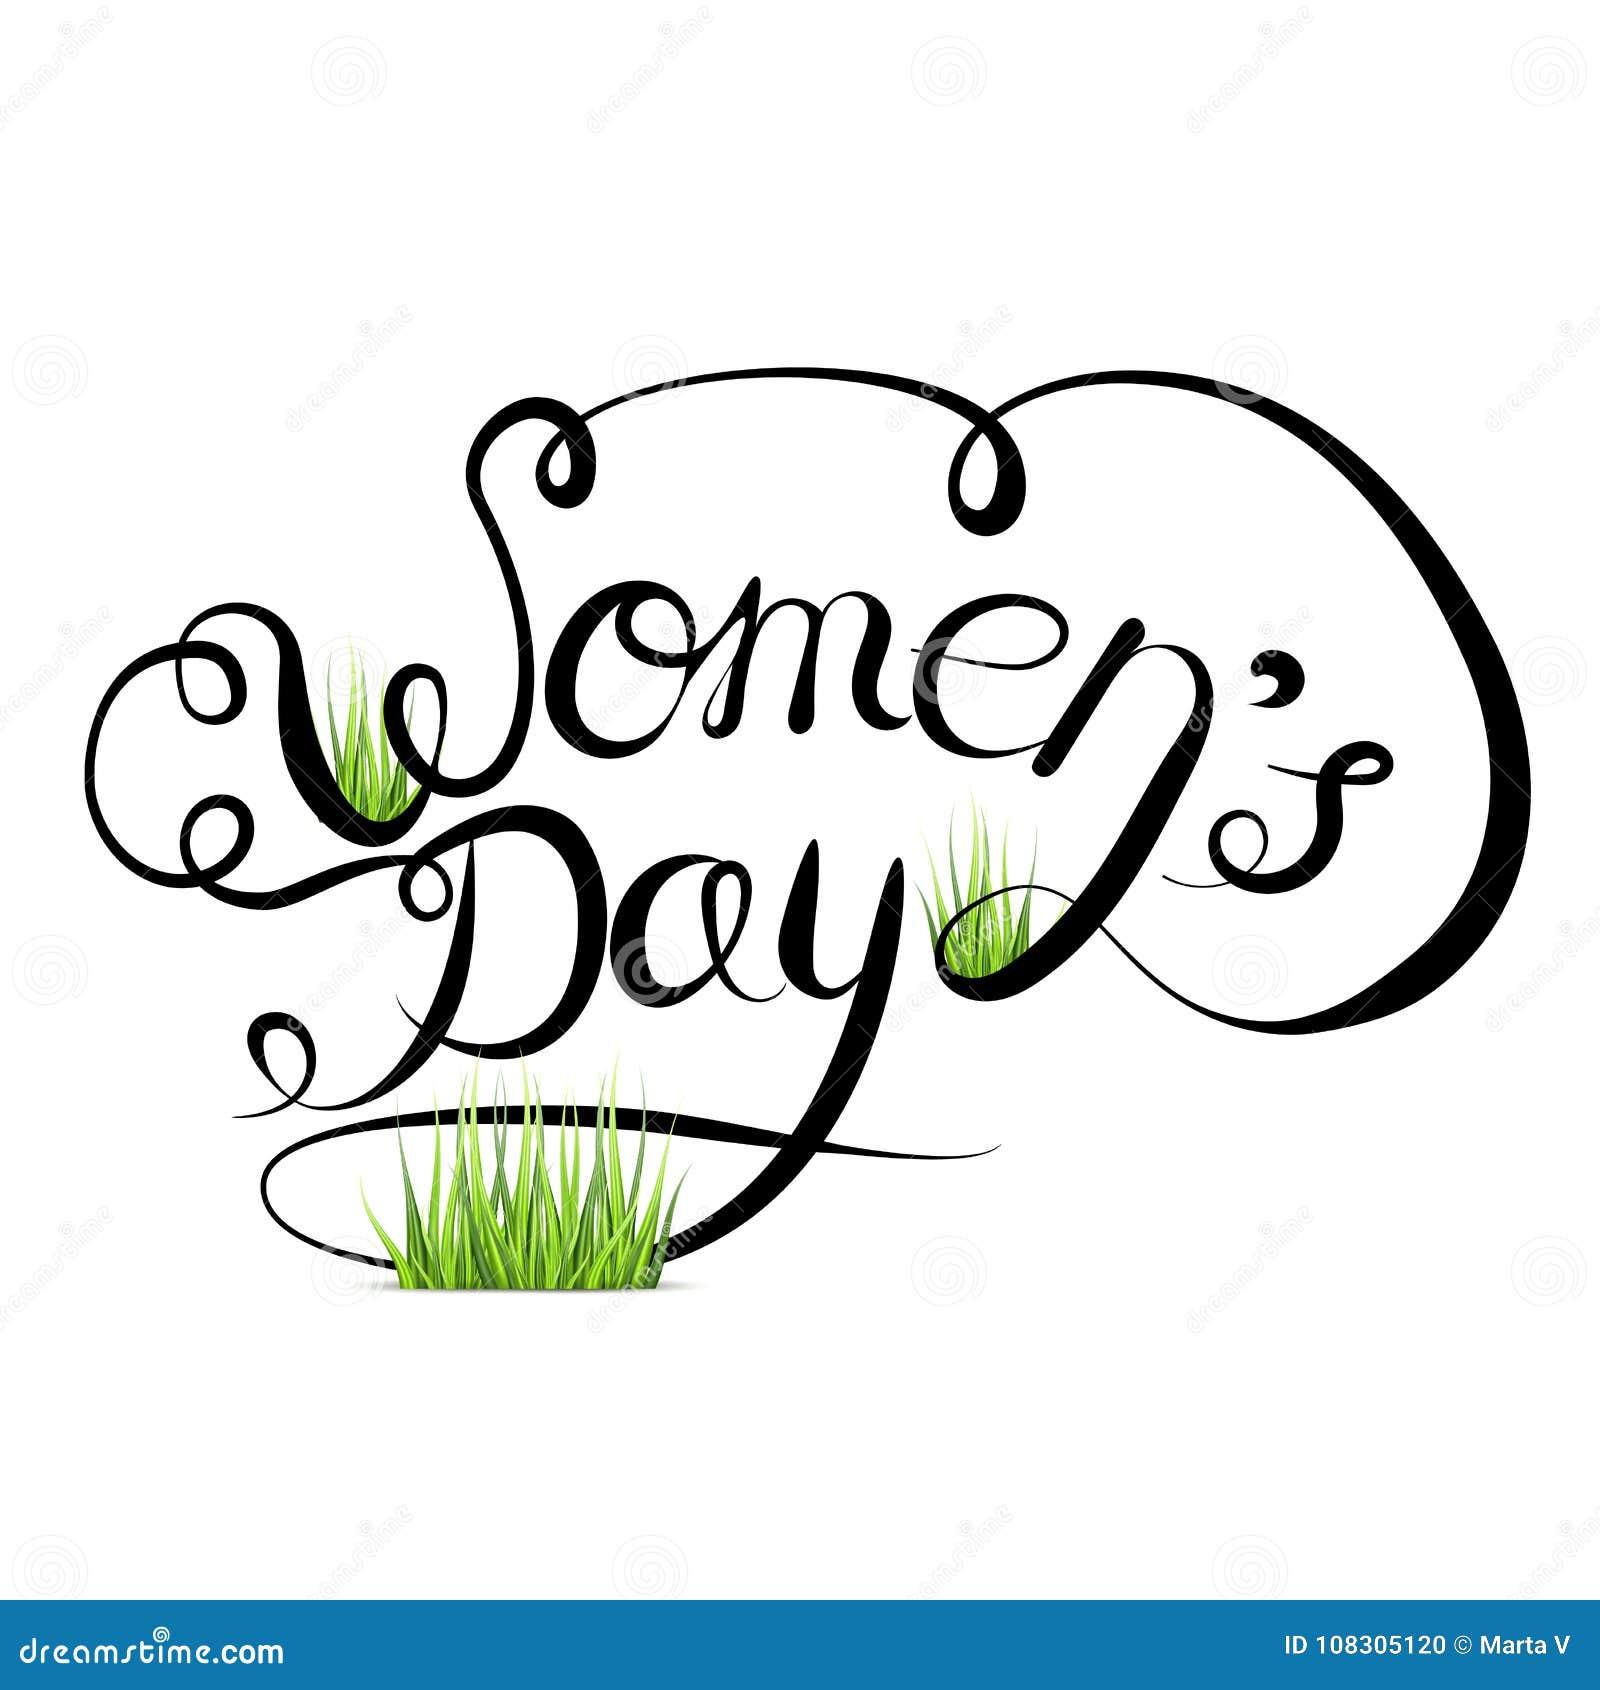 Διανυσματικό γράφοντας χέρι που επισύρεται την προσοχή σε ένα άσπρο υπόβαθρο Διεθνής ημέρα γυναικών s στις 8 Μαρτίου